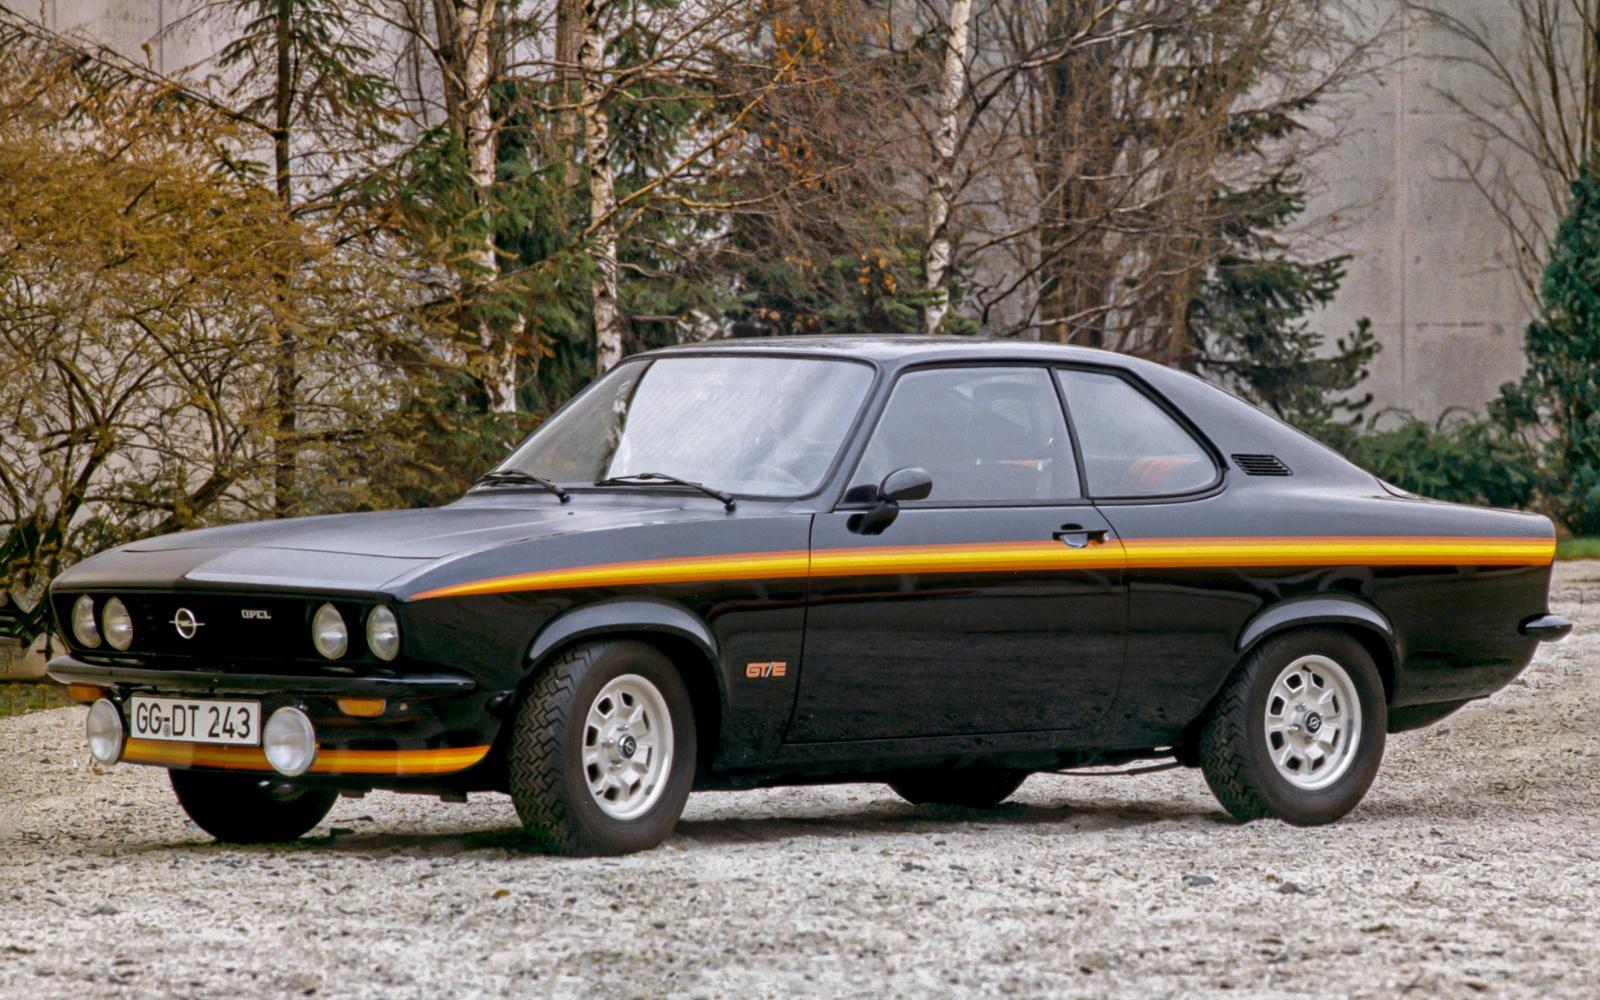 Opel Manta pierwsza generacja - wersja GT/E, przód